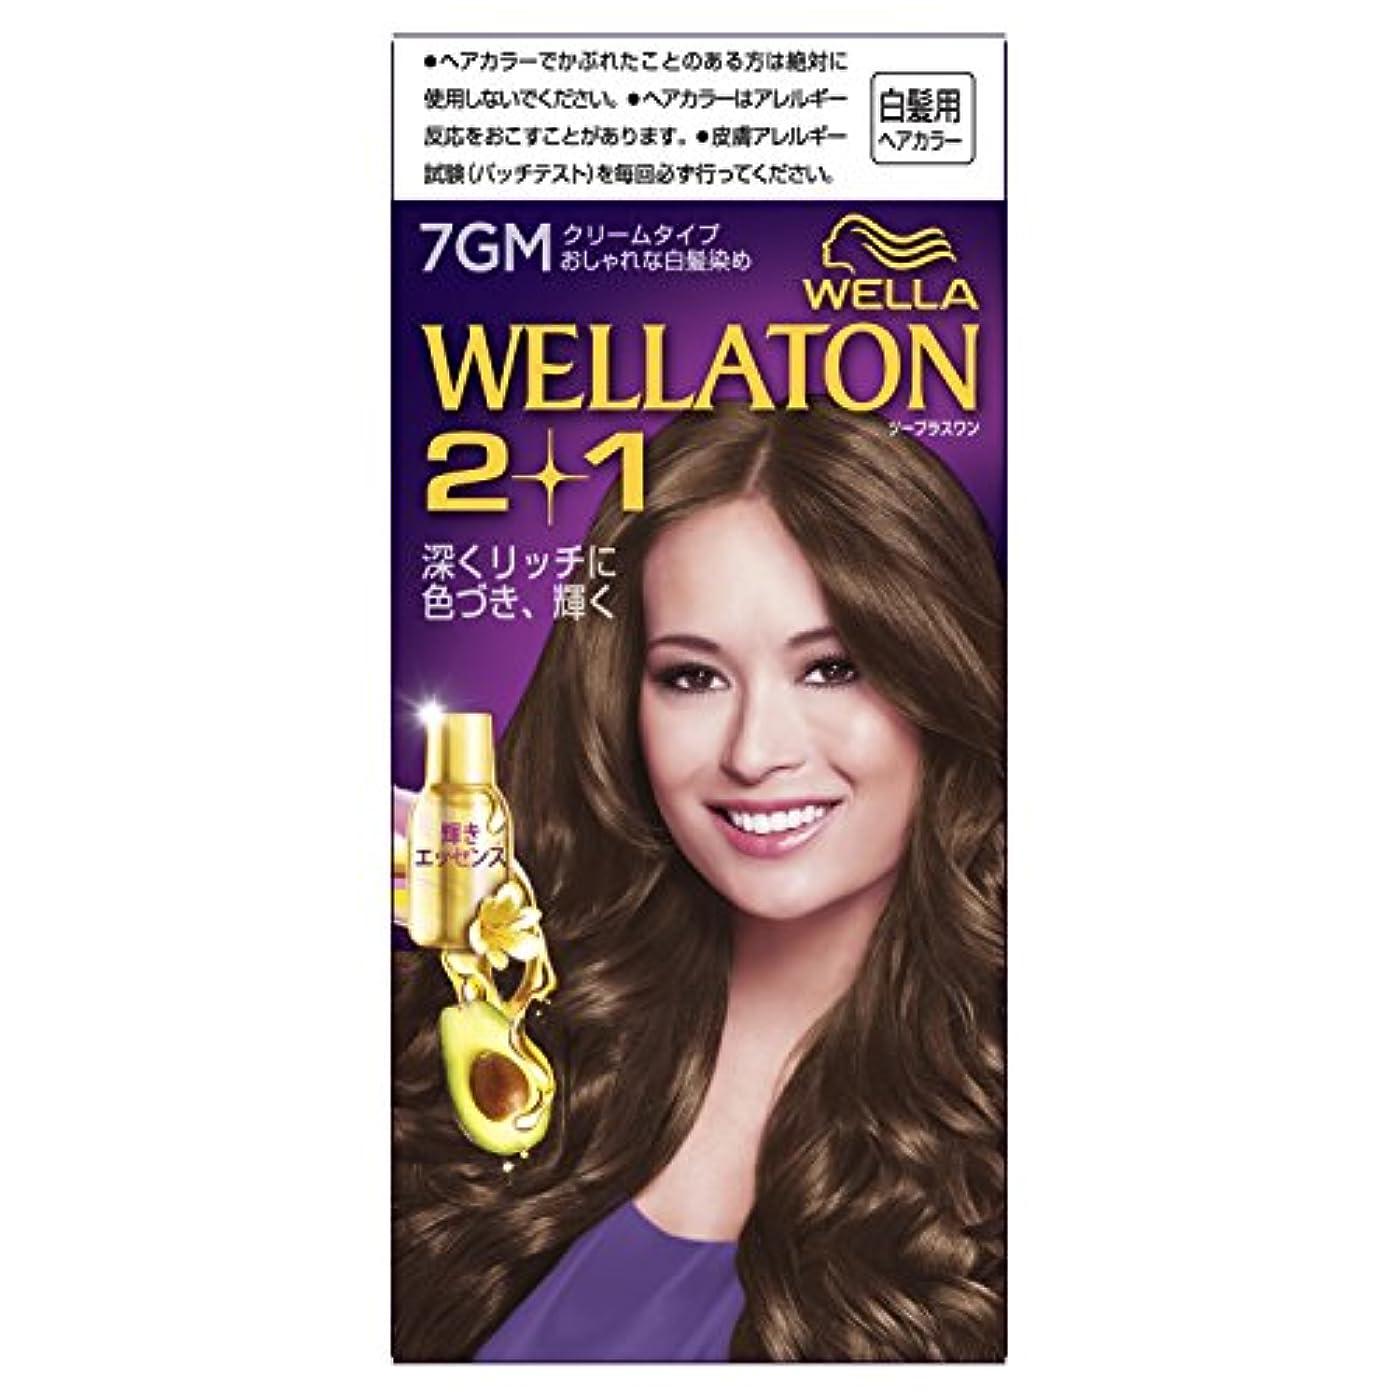 値する販売計画エンゲージメントウエラトーン2+1 クリームタイプ 7GM [医薬部外品](おしゃれな白髪染め)